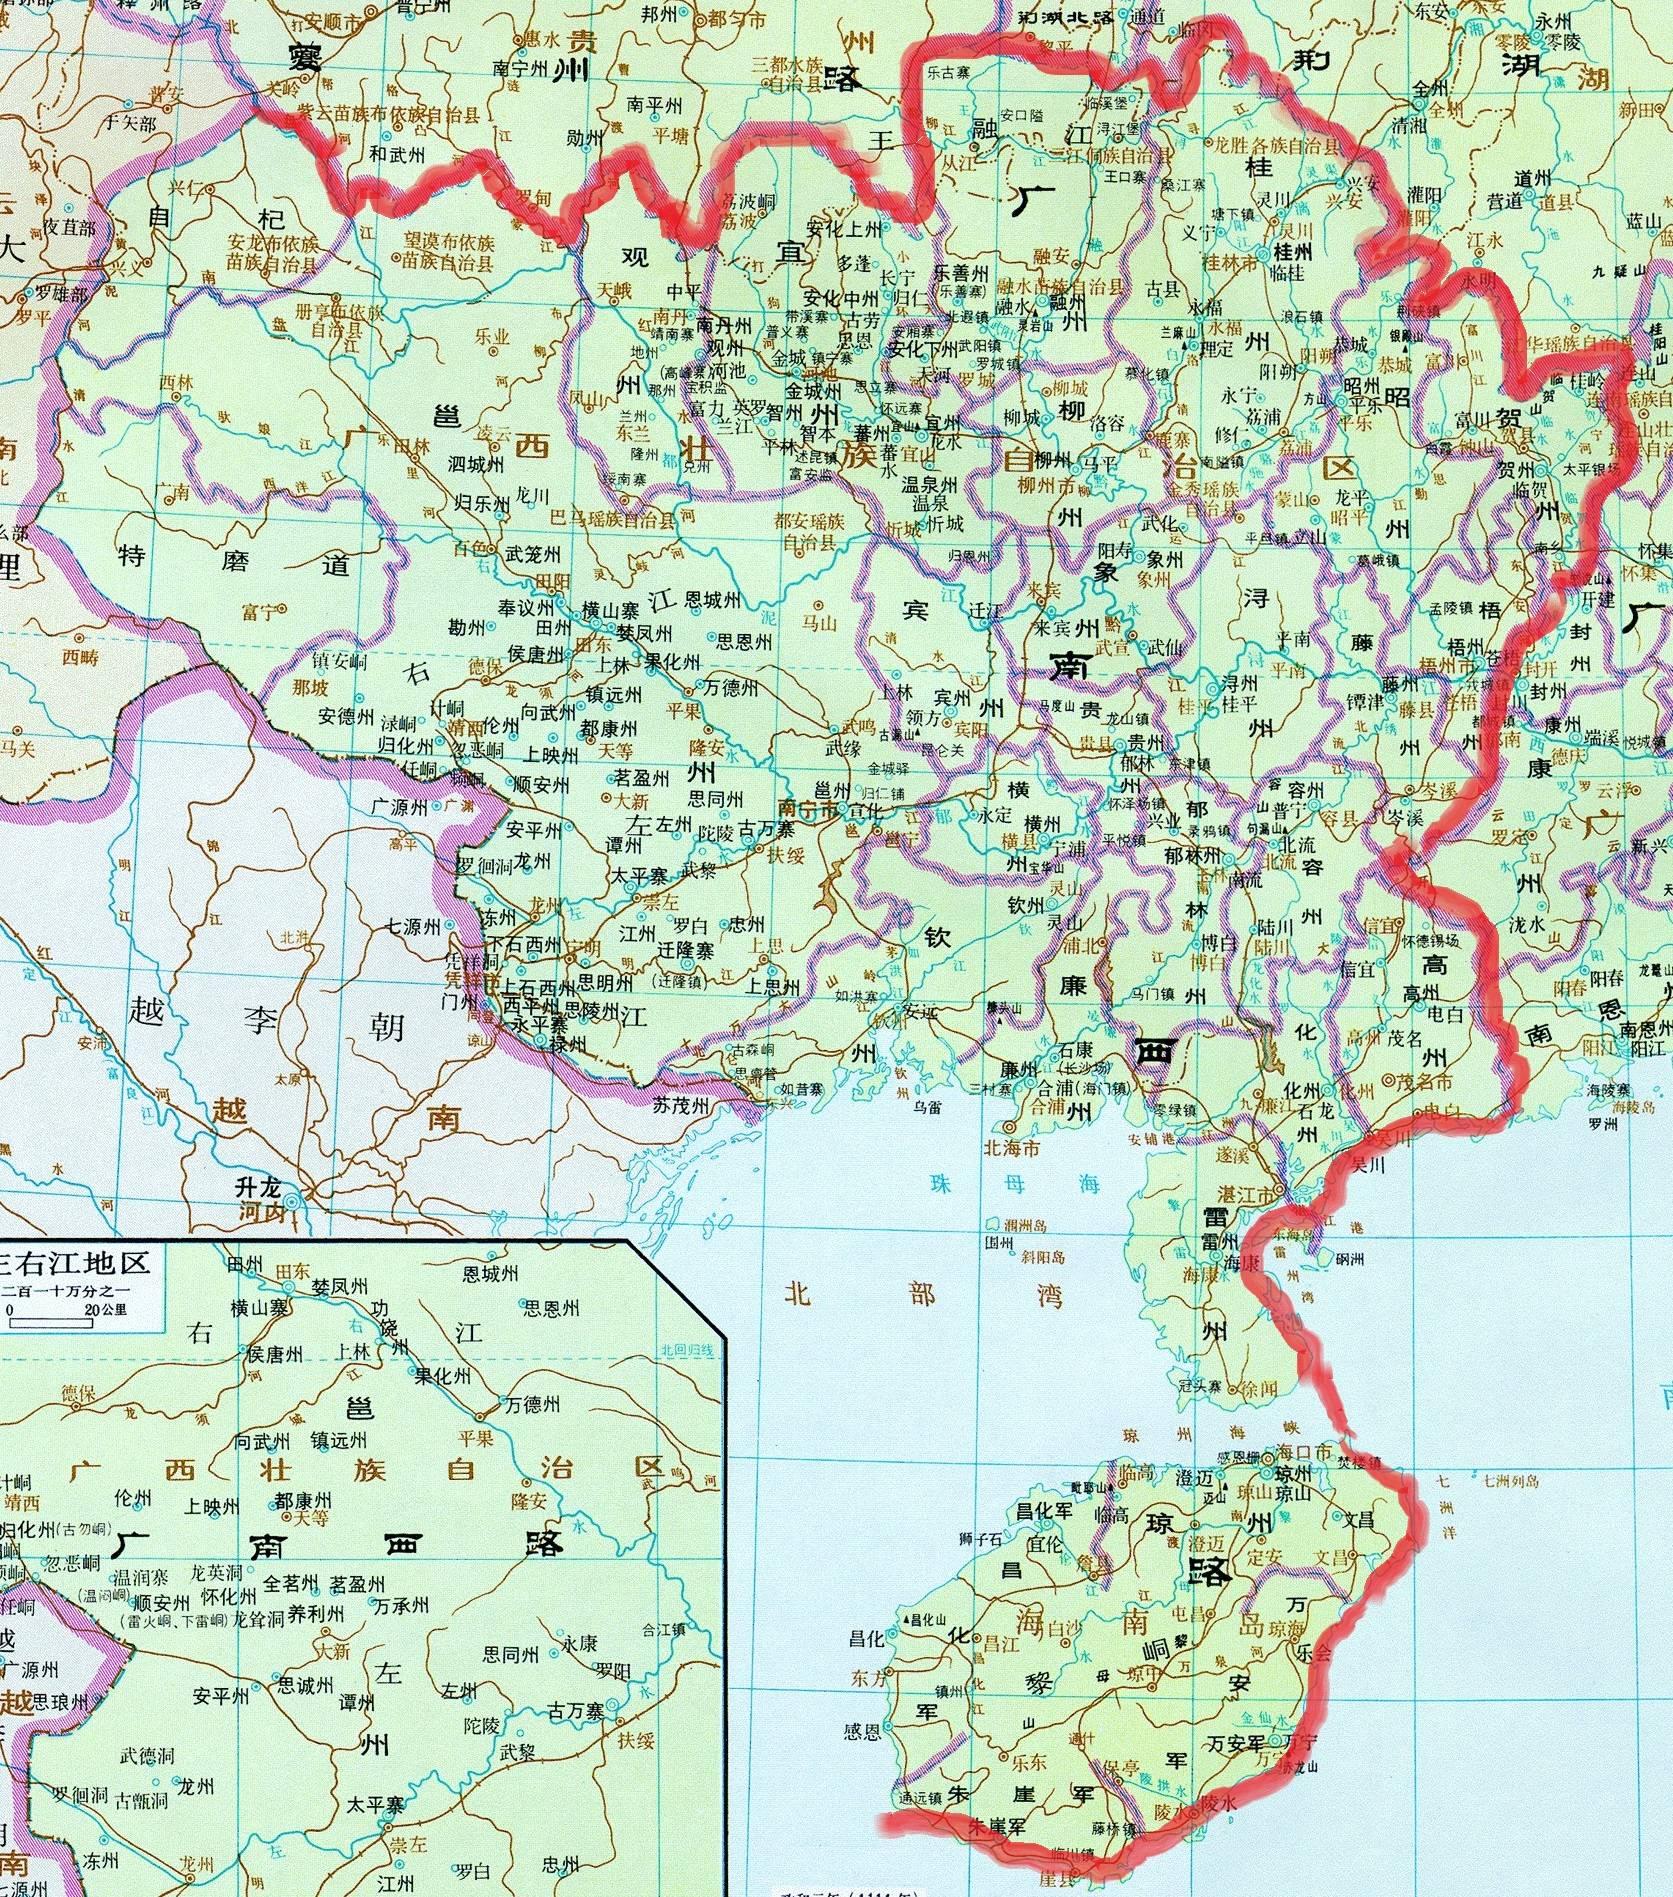 桂林 人口数量_桂林山水图片